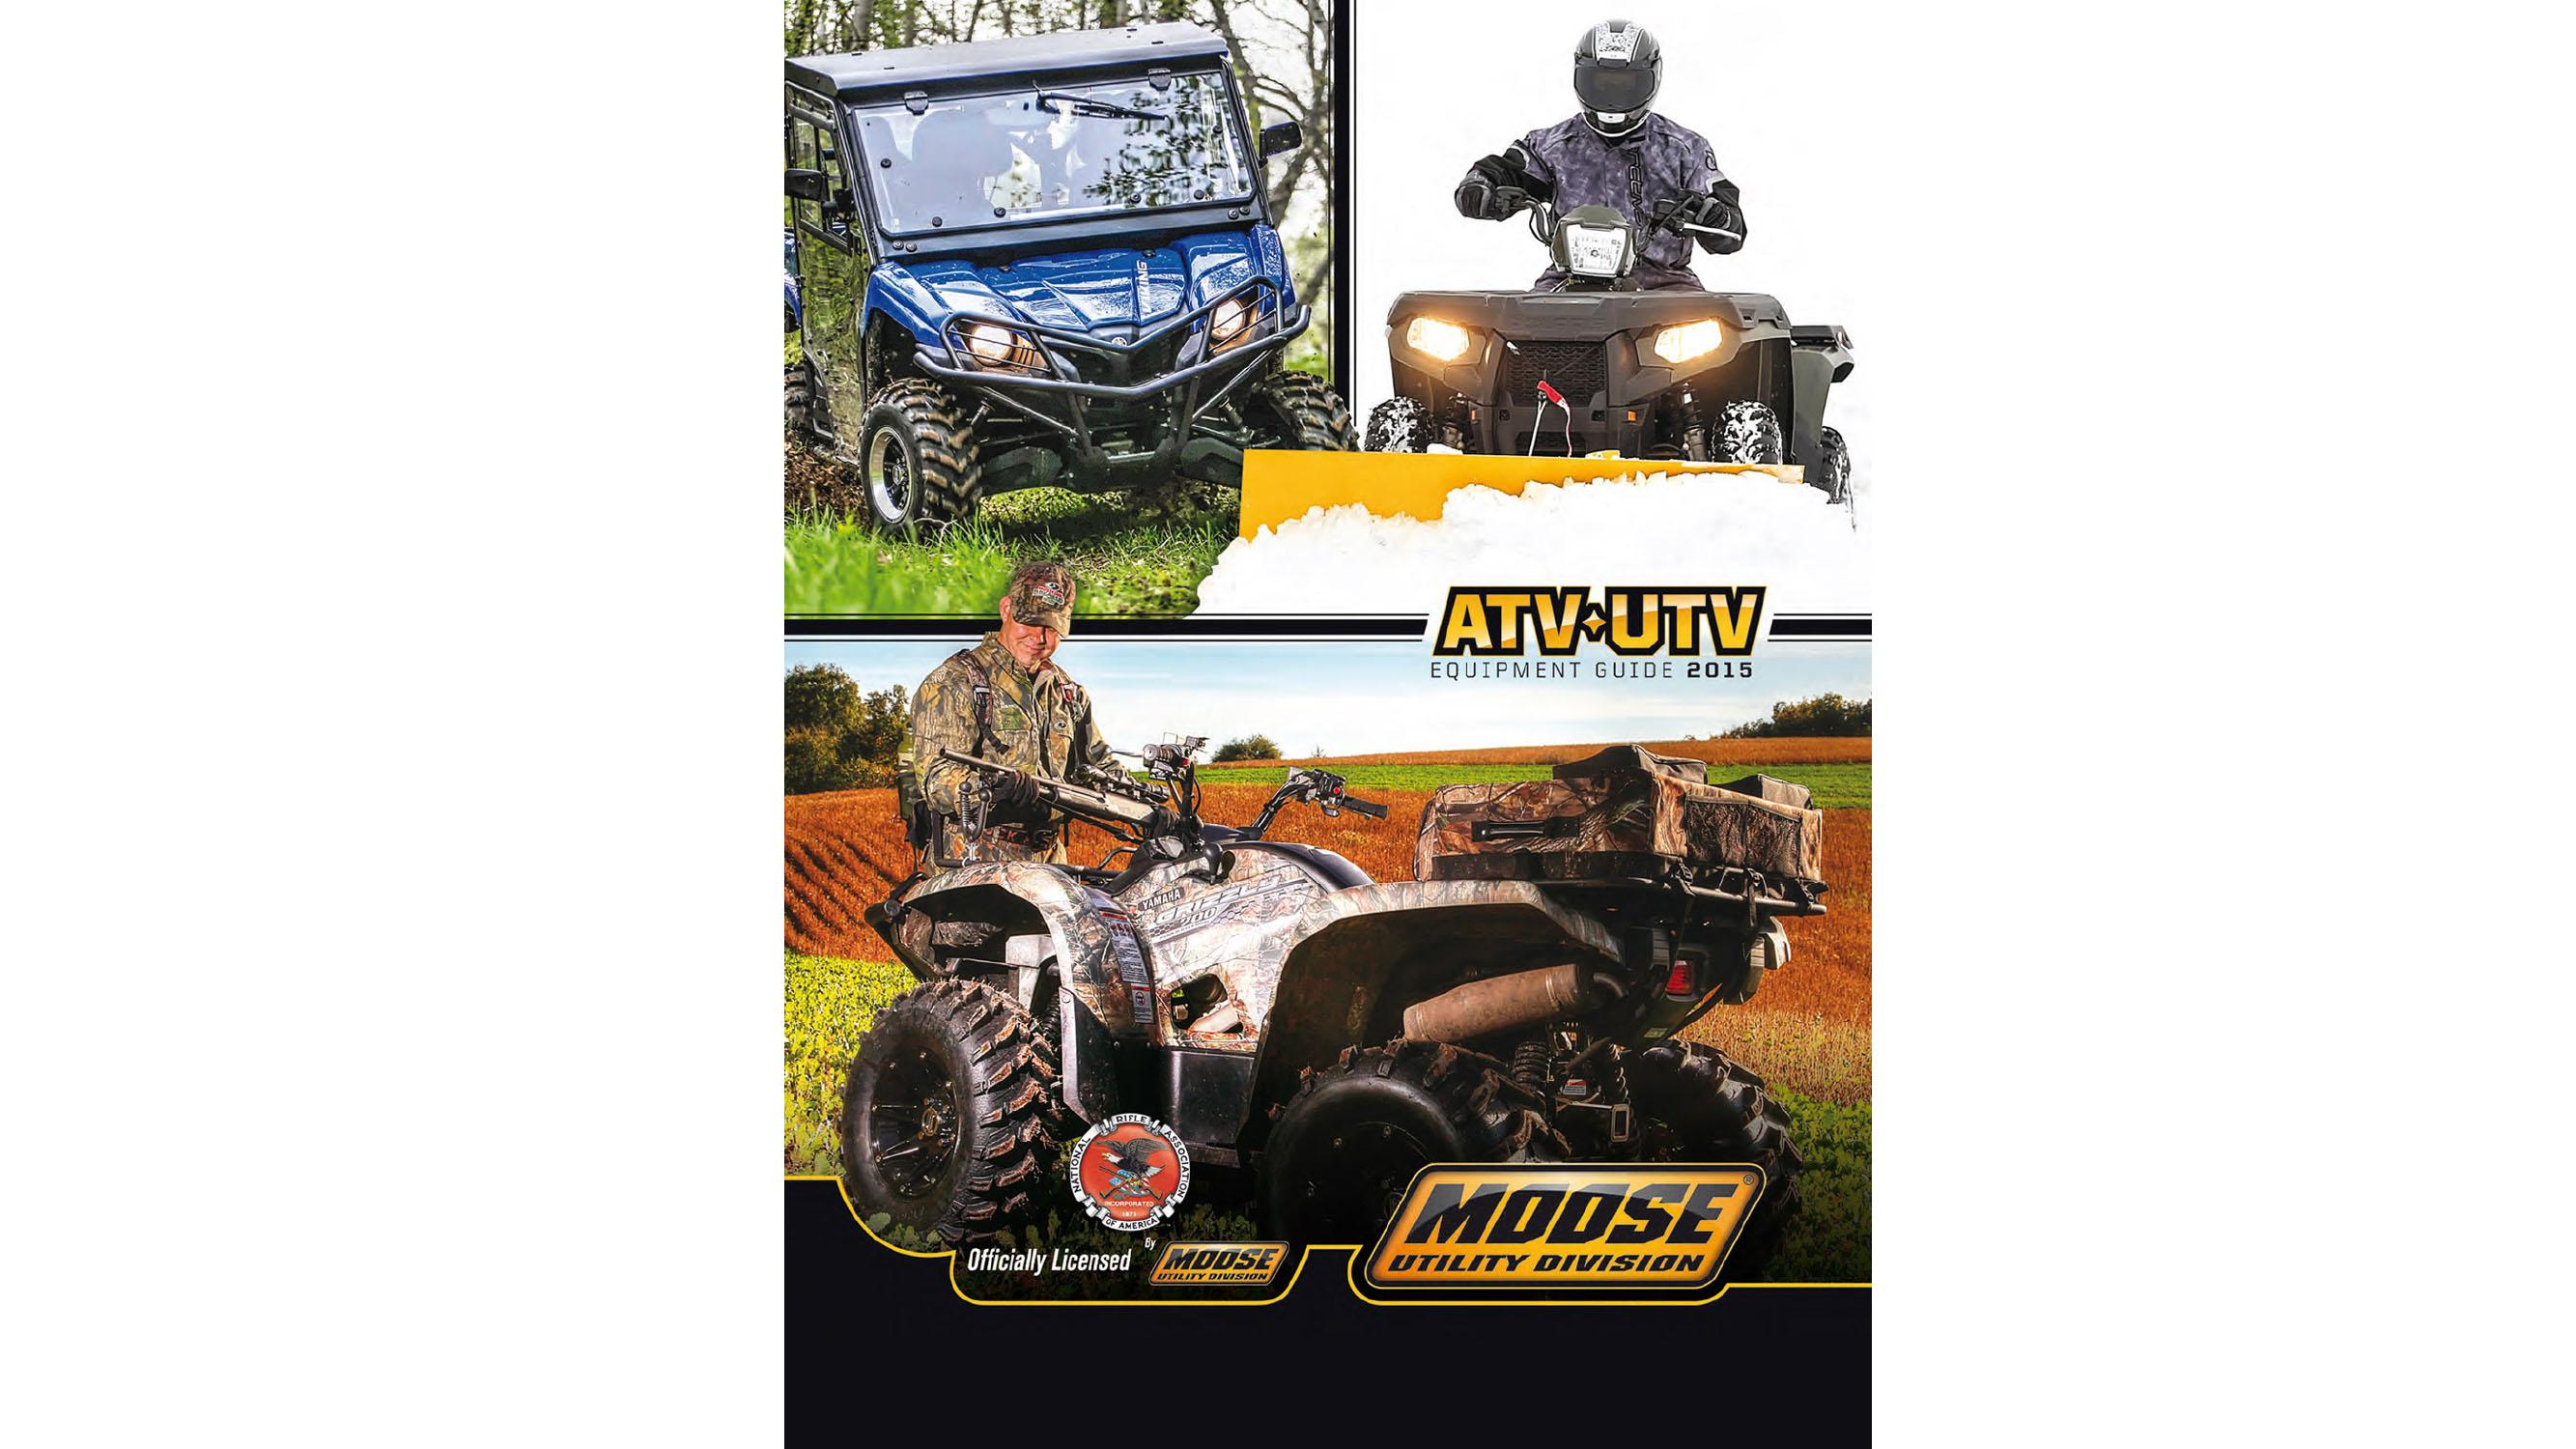 Parts Europe lanza dos nuevos catálogos, el Moose Racing 2015 y el de equipamiento de ATV/UTV 2015 Moose Utility Division